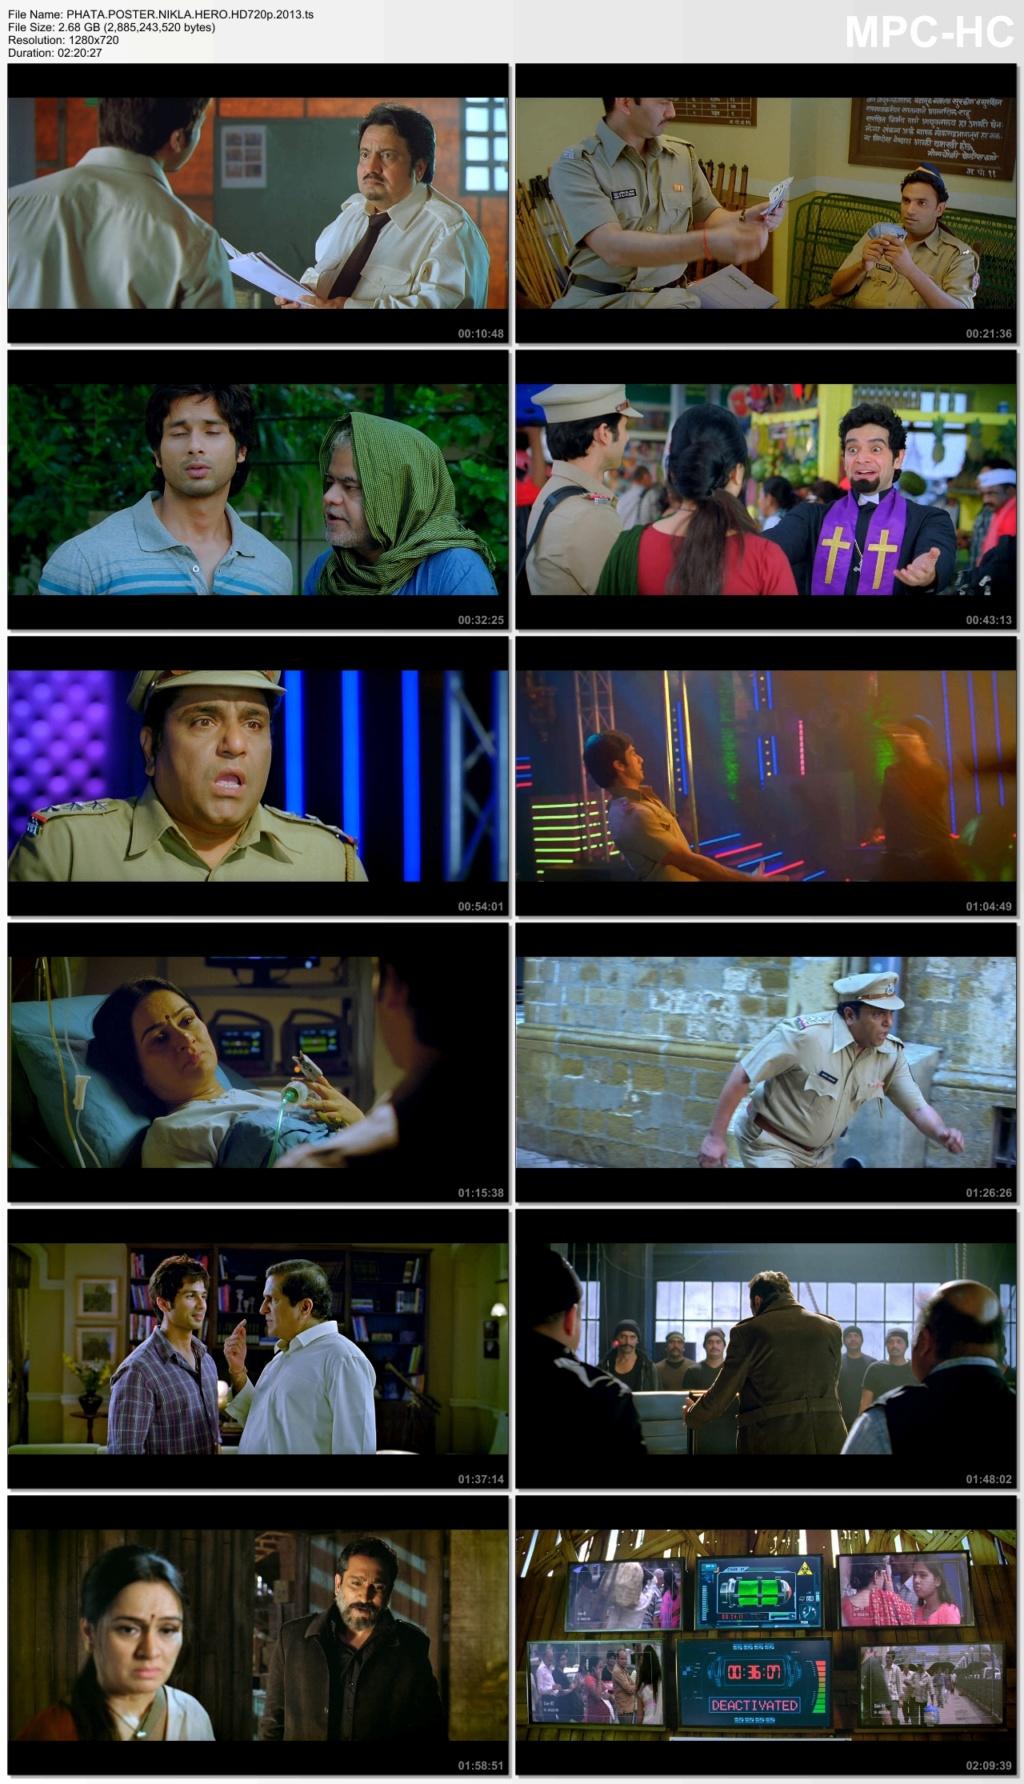 فيلم Phata Poster Nikla Hero 2013 مدبلج بجوده 720p HD بدون حقوق Phata_10